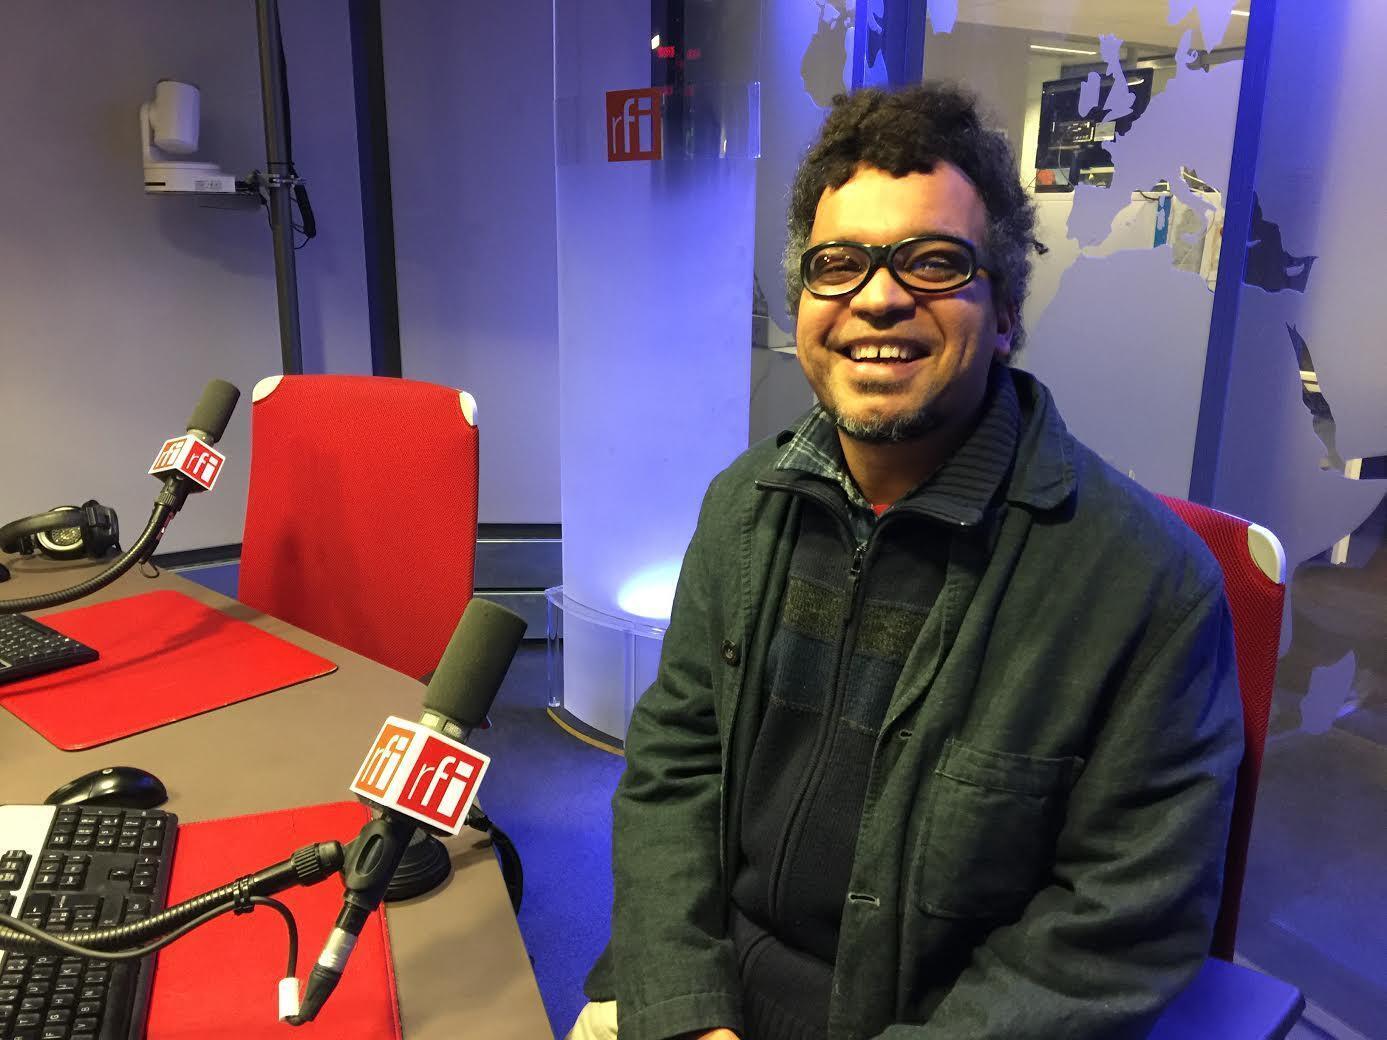 Pedro D-Lita promove artistas brasileiros e DJs em Paris, Londres e outras cidades europeias